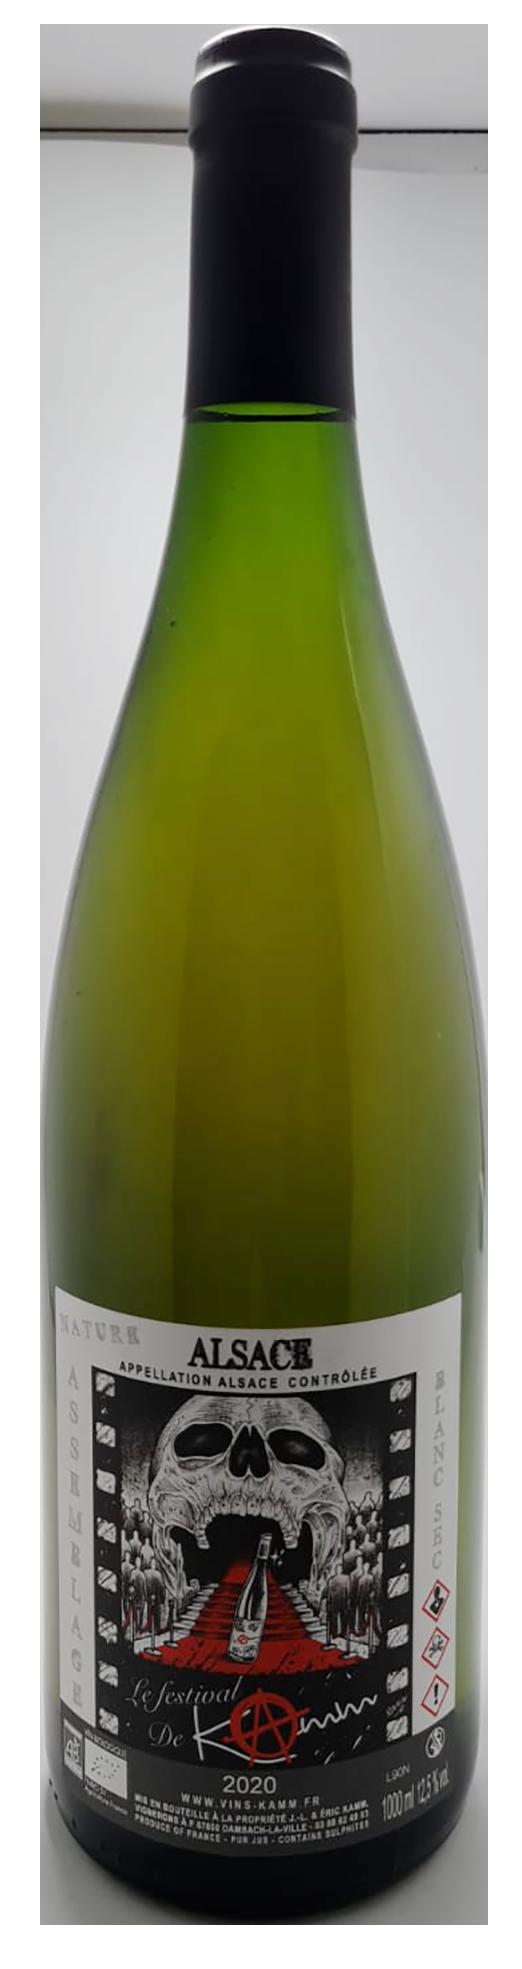 bouteille de vin d'alsace naturel blanc en litre, cuvée festival de kamm, domaine Kamm